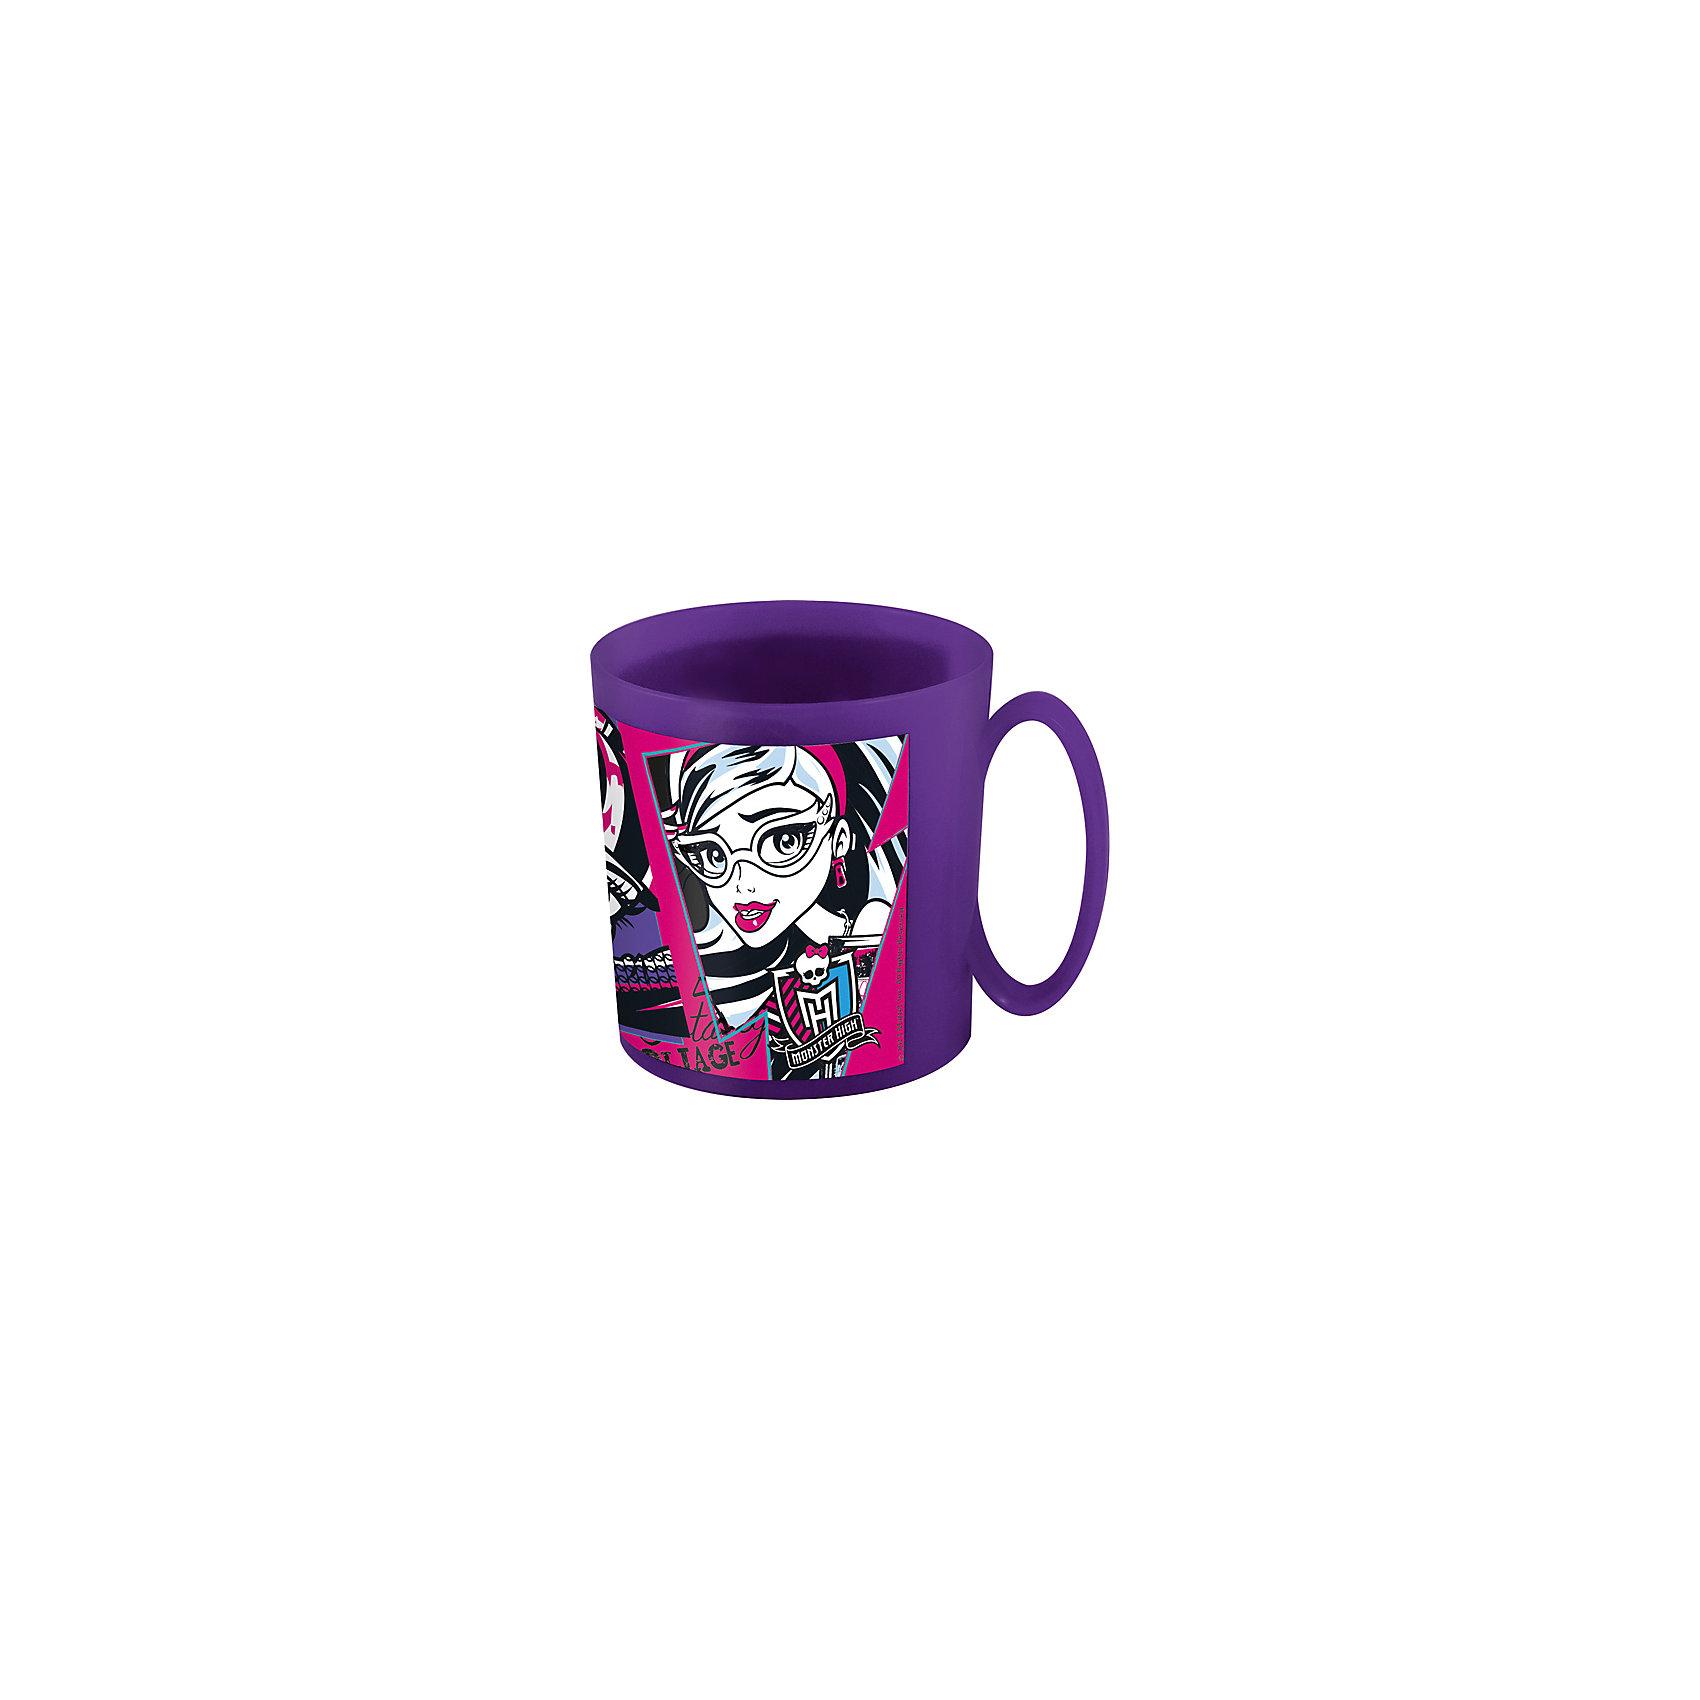 Кружка Monster High 350 млMonster High<br>Кружка Monster High 350 мл – эта оригинальная кружка станет приятным сюрпризом для Вашей девочки.<br>Детская кружка Monster High идеально подойдет для повседневного использования. Она выполнена из качественного пластика фиолетового цвета и оформлена ярким изображением героинь мультсериала Monster High. Кружка дополнена удобной ручкой.<br><br>Дополнительная информация:<br><br>- Объем: 350 мл.<br>- Размер: 10х7,5х9 см.<br>- Материал: пластик<br>- Цвет: фиолетовый<br>- Не предназначено для использования в СВЧ-печи и посудомоечной машине<br><br>Кружку Monster High 350 мл можно купить в нашем интернет-магазине.<br><br>Ширина мм: 110<br>Глубина мм: 125<br>Высота мм: 90<br>Вес г: 7<br>Возраст от месяцев: 36<br>Возраст до месяцев: 144<br>Пол: Женский<br>Возраст: Детский<br>SKU: 4603864